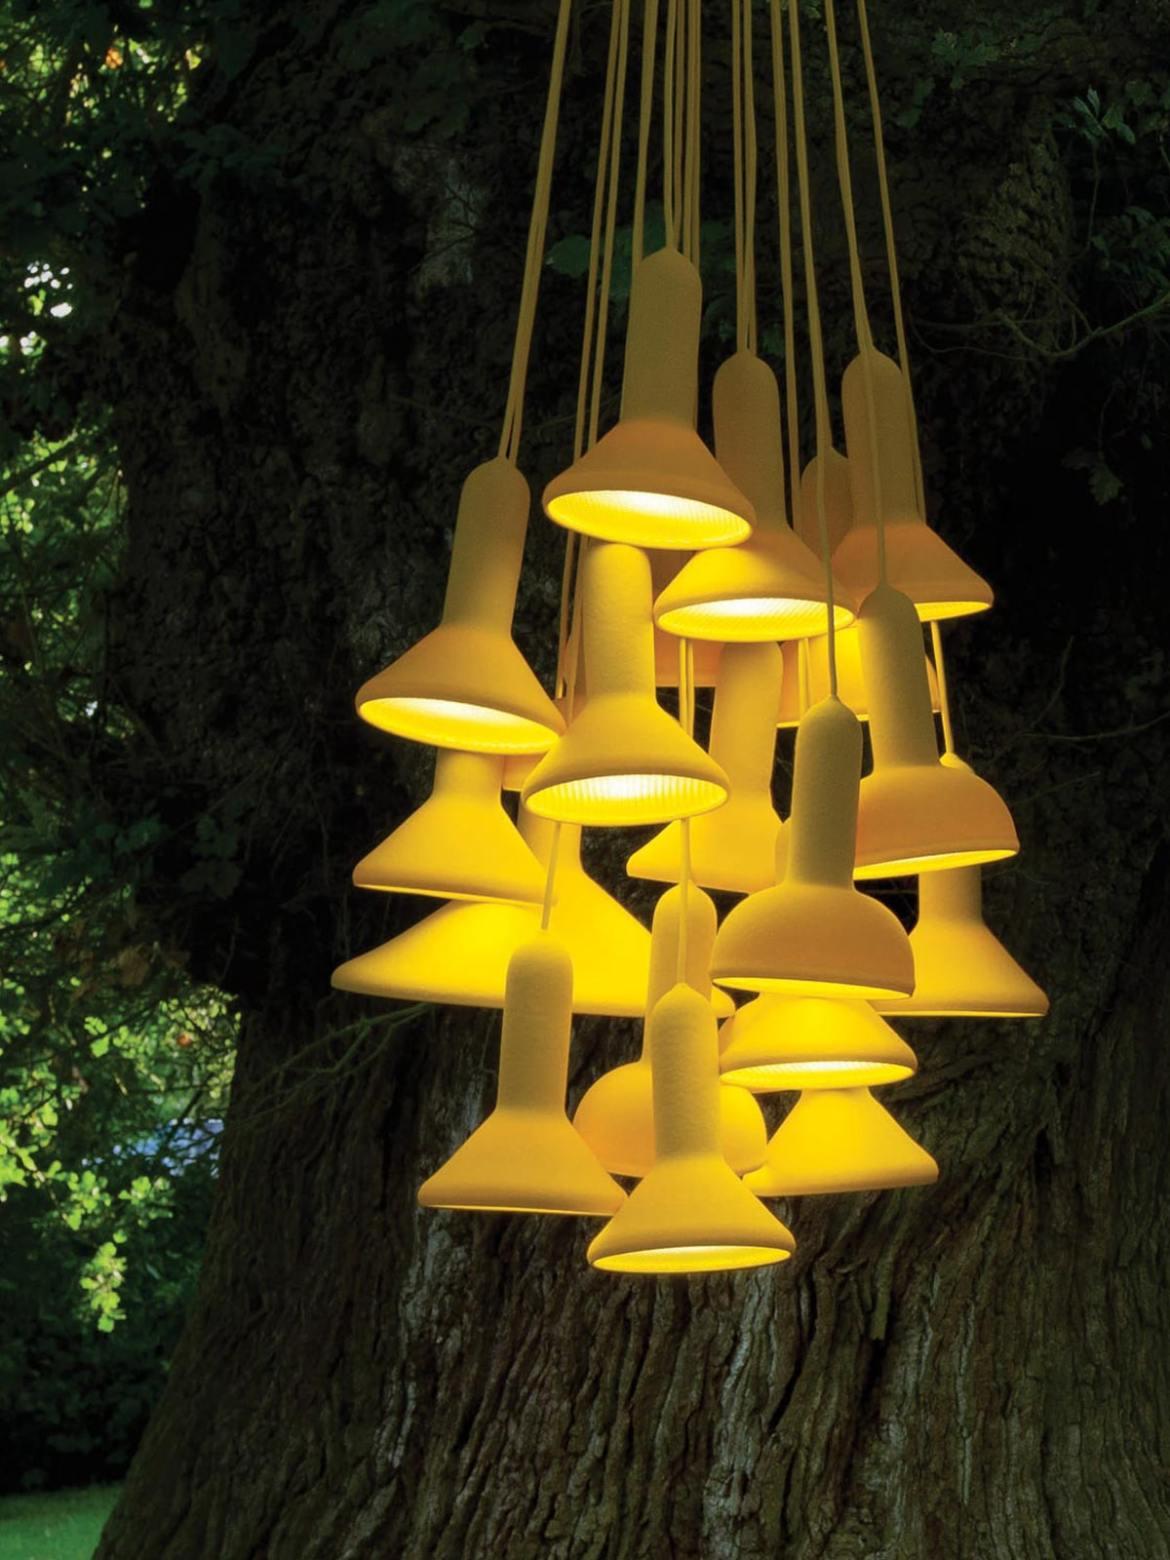 DesignOrt Blog: Designerleuchten in Gelb Torch Lights S 20 Established Sons